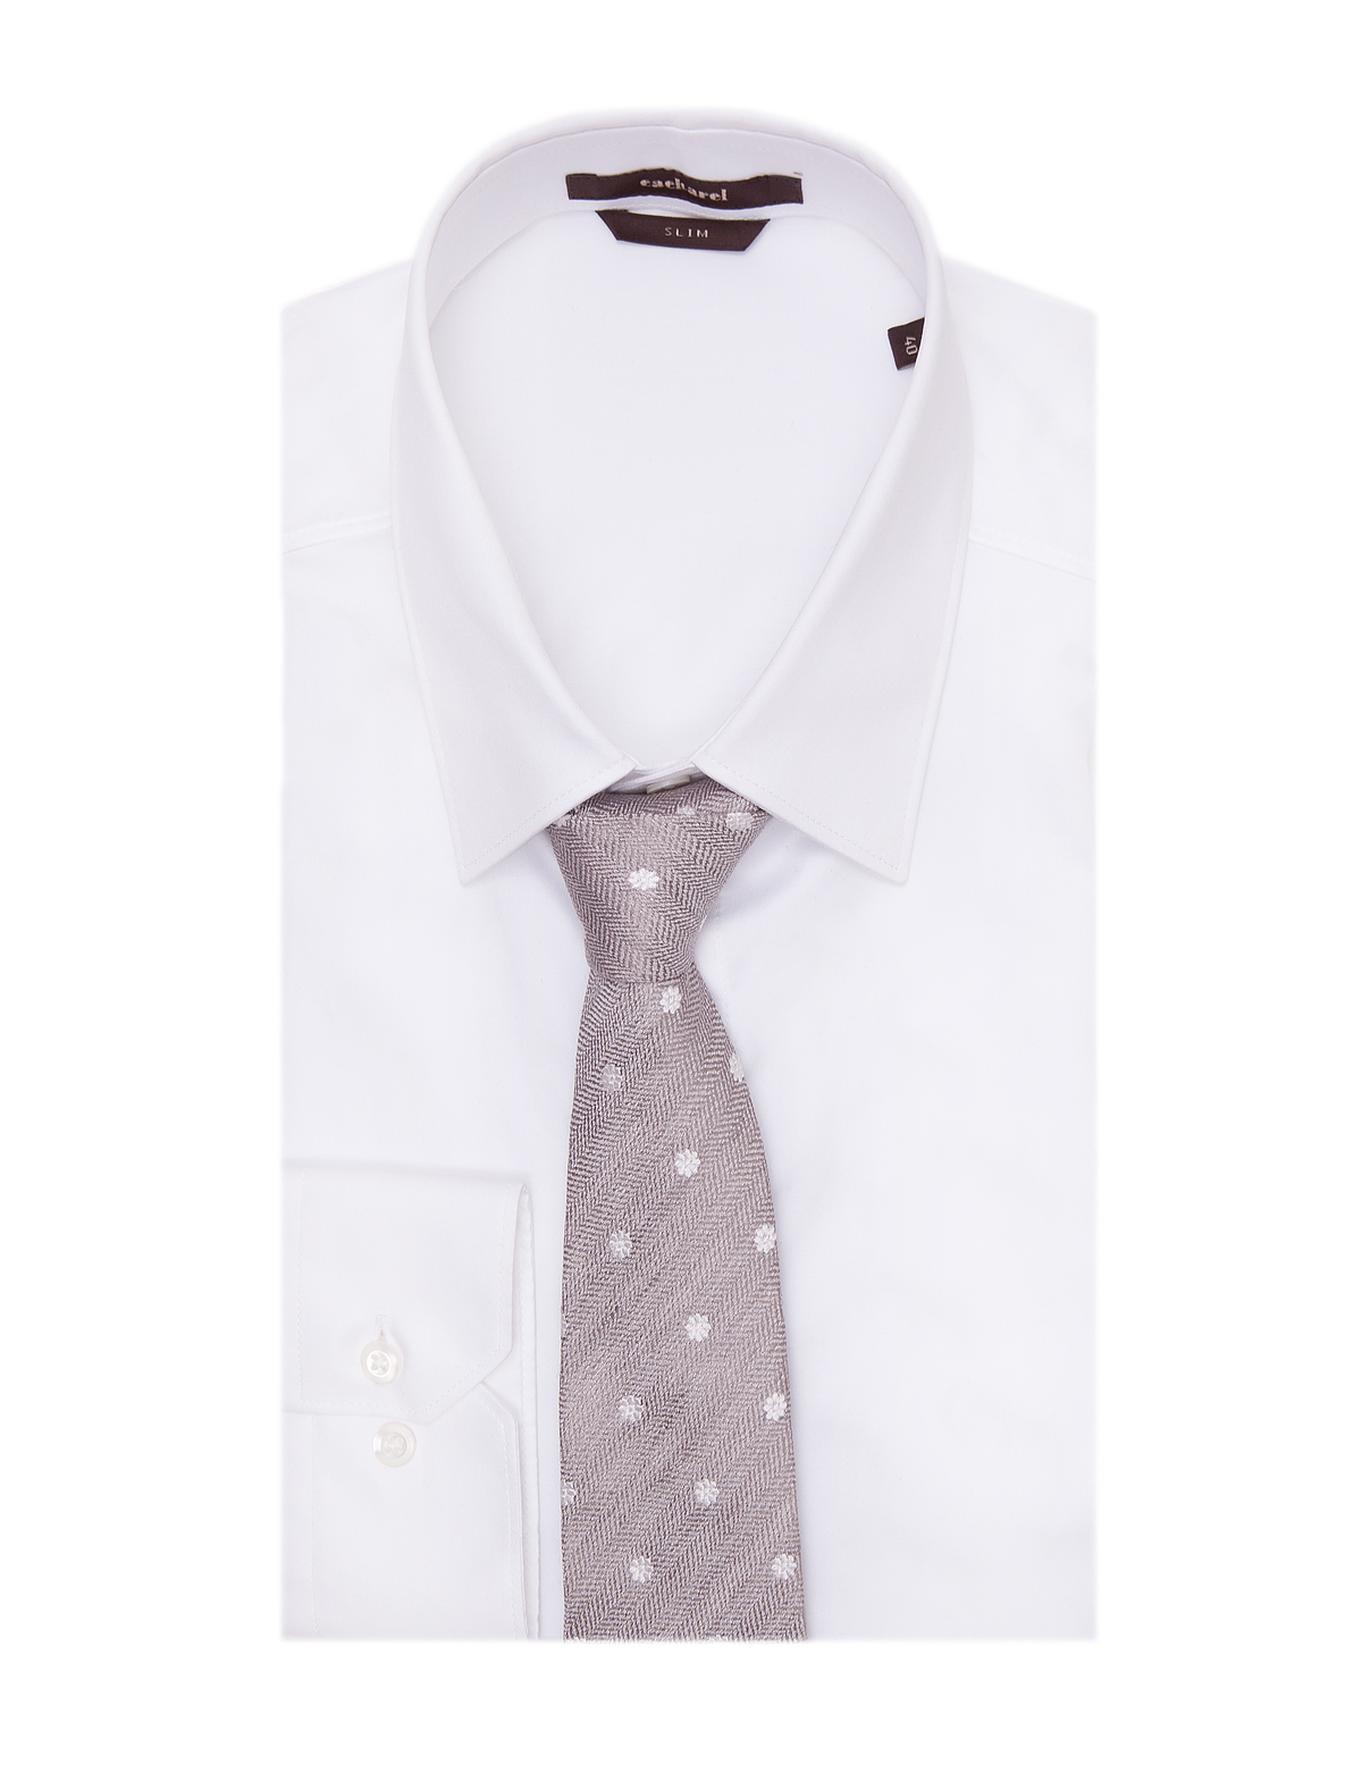 Beyaz Kravat - 50146632002